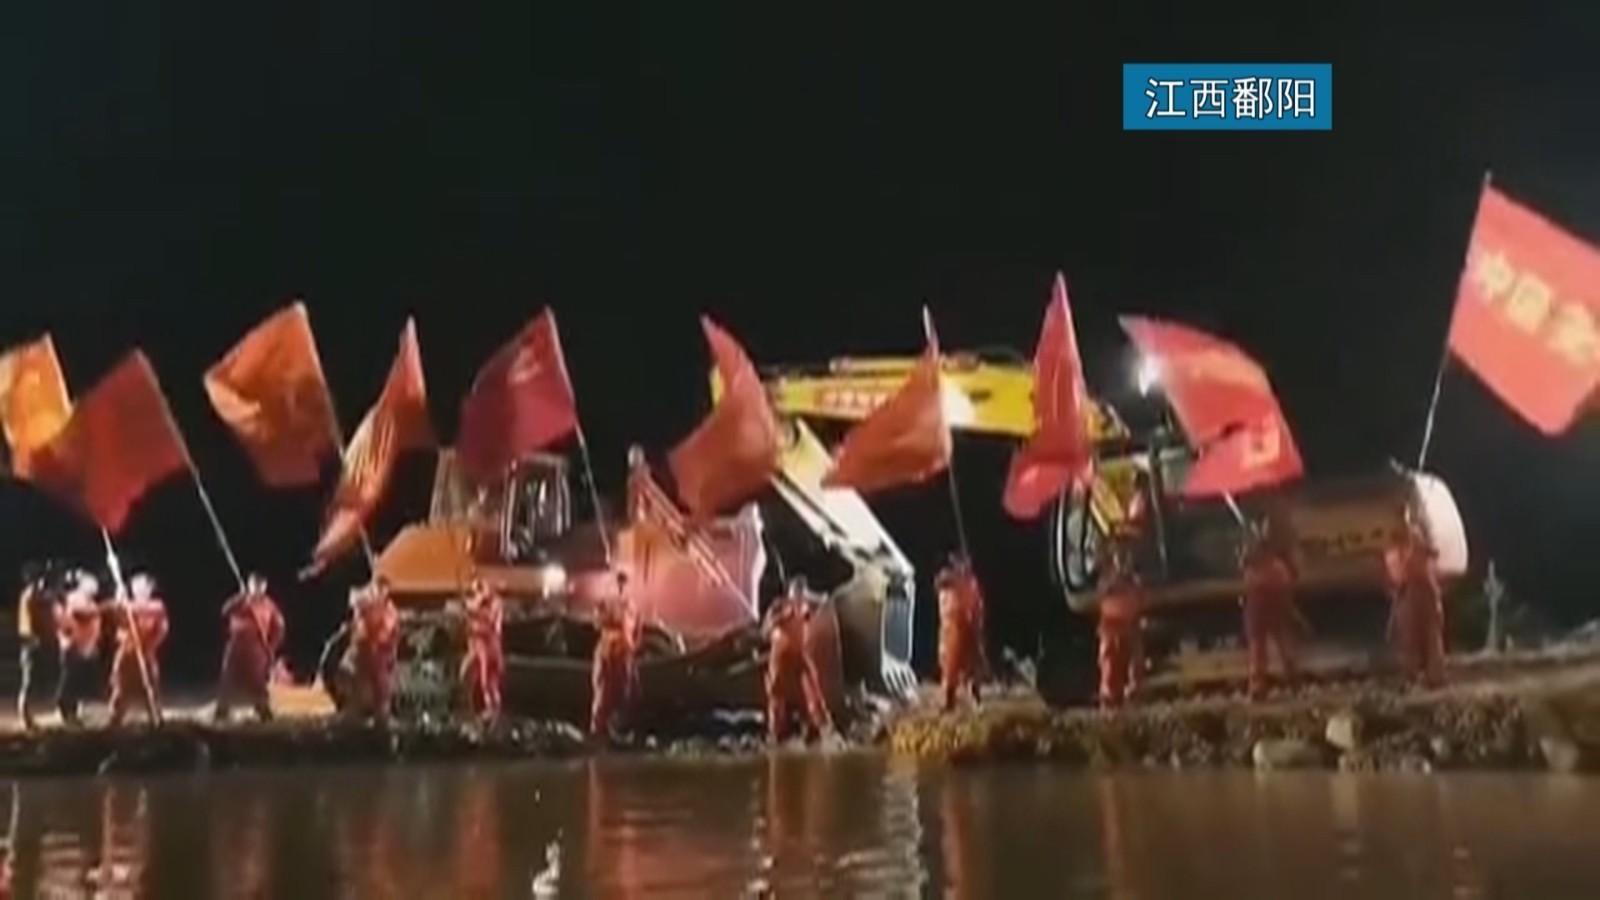 江西鄱阳问桂道圩决口昨晚成功实现合龙